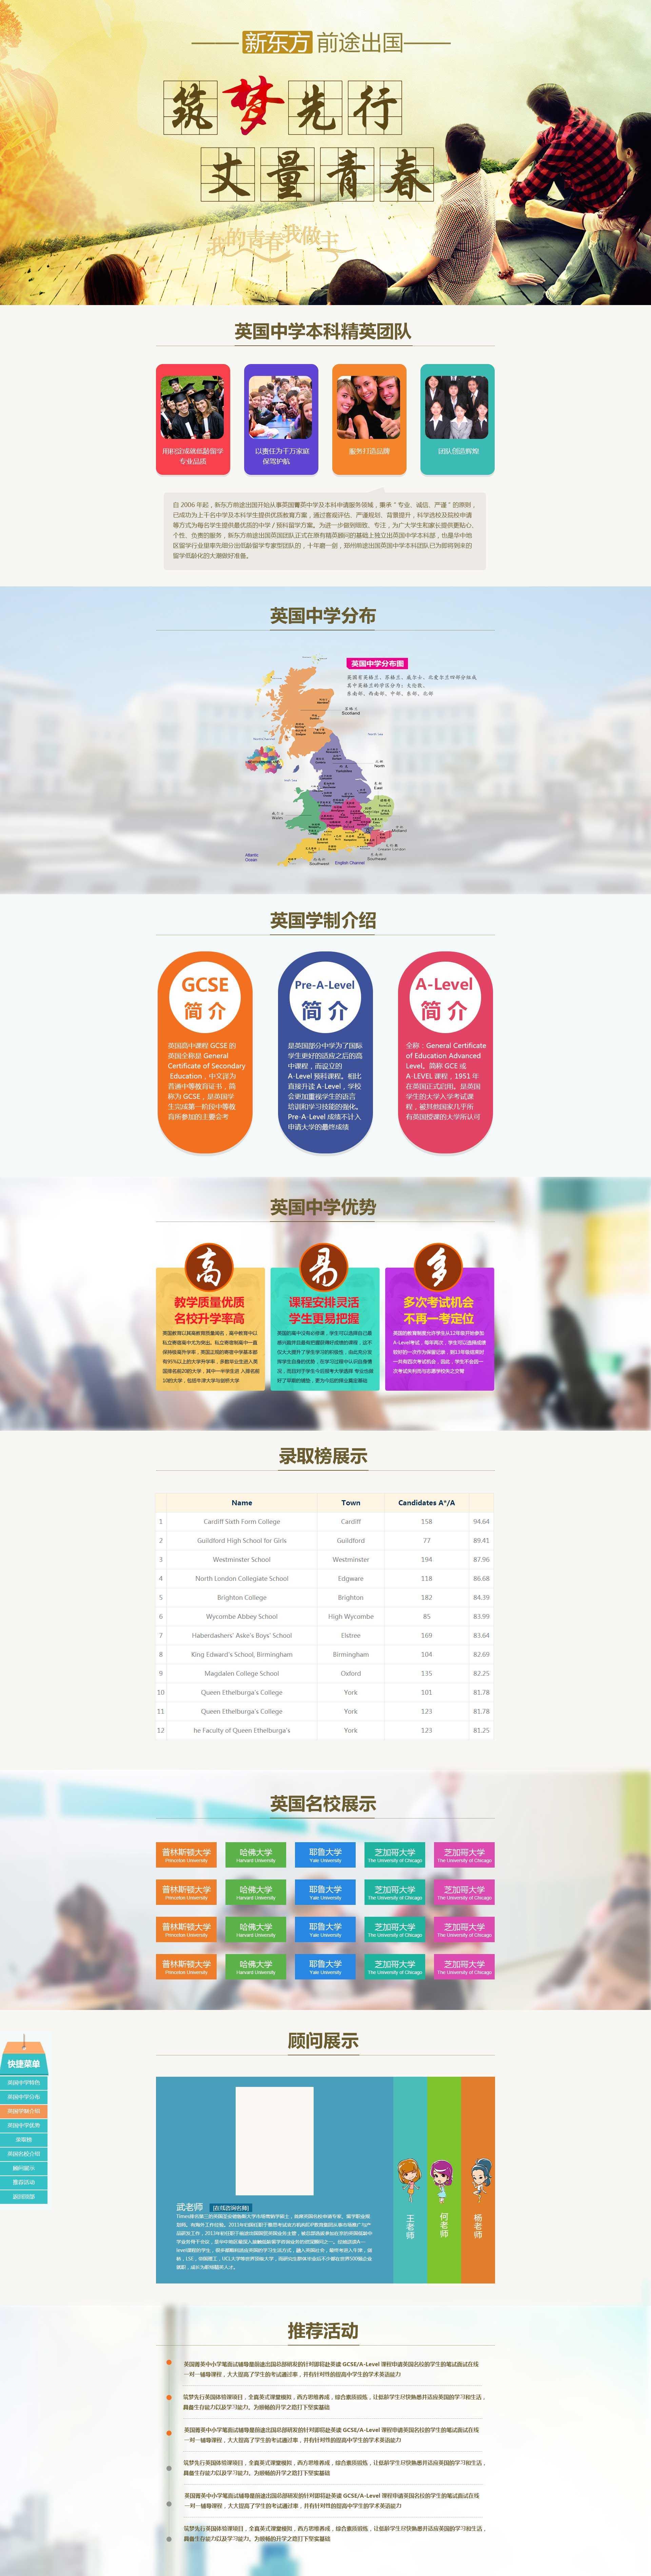 新东方出国留言教育专题页面模板下载